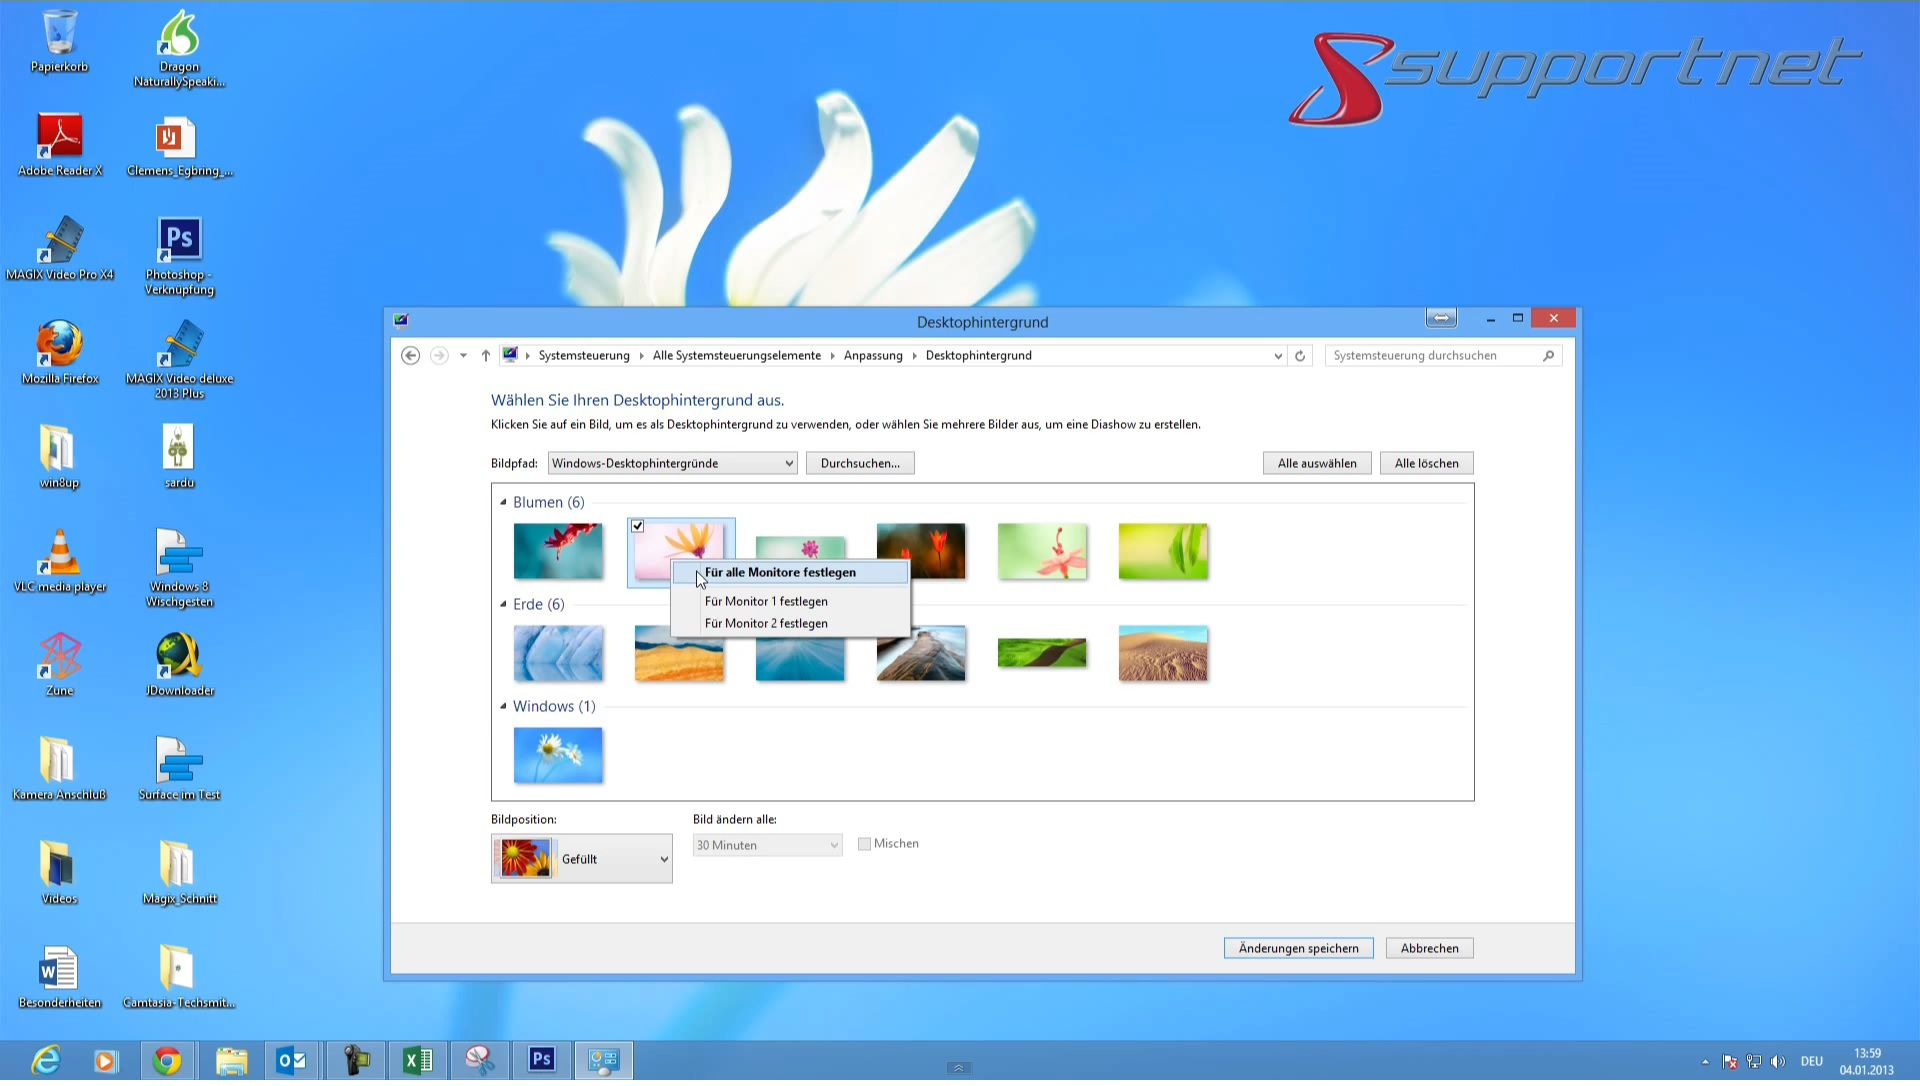 mehrere-hintergruende-monitor-festlegen-470.jpg?nocache=1373967695656